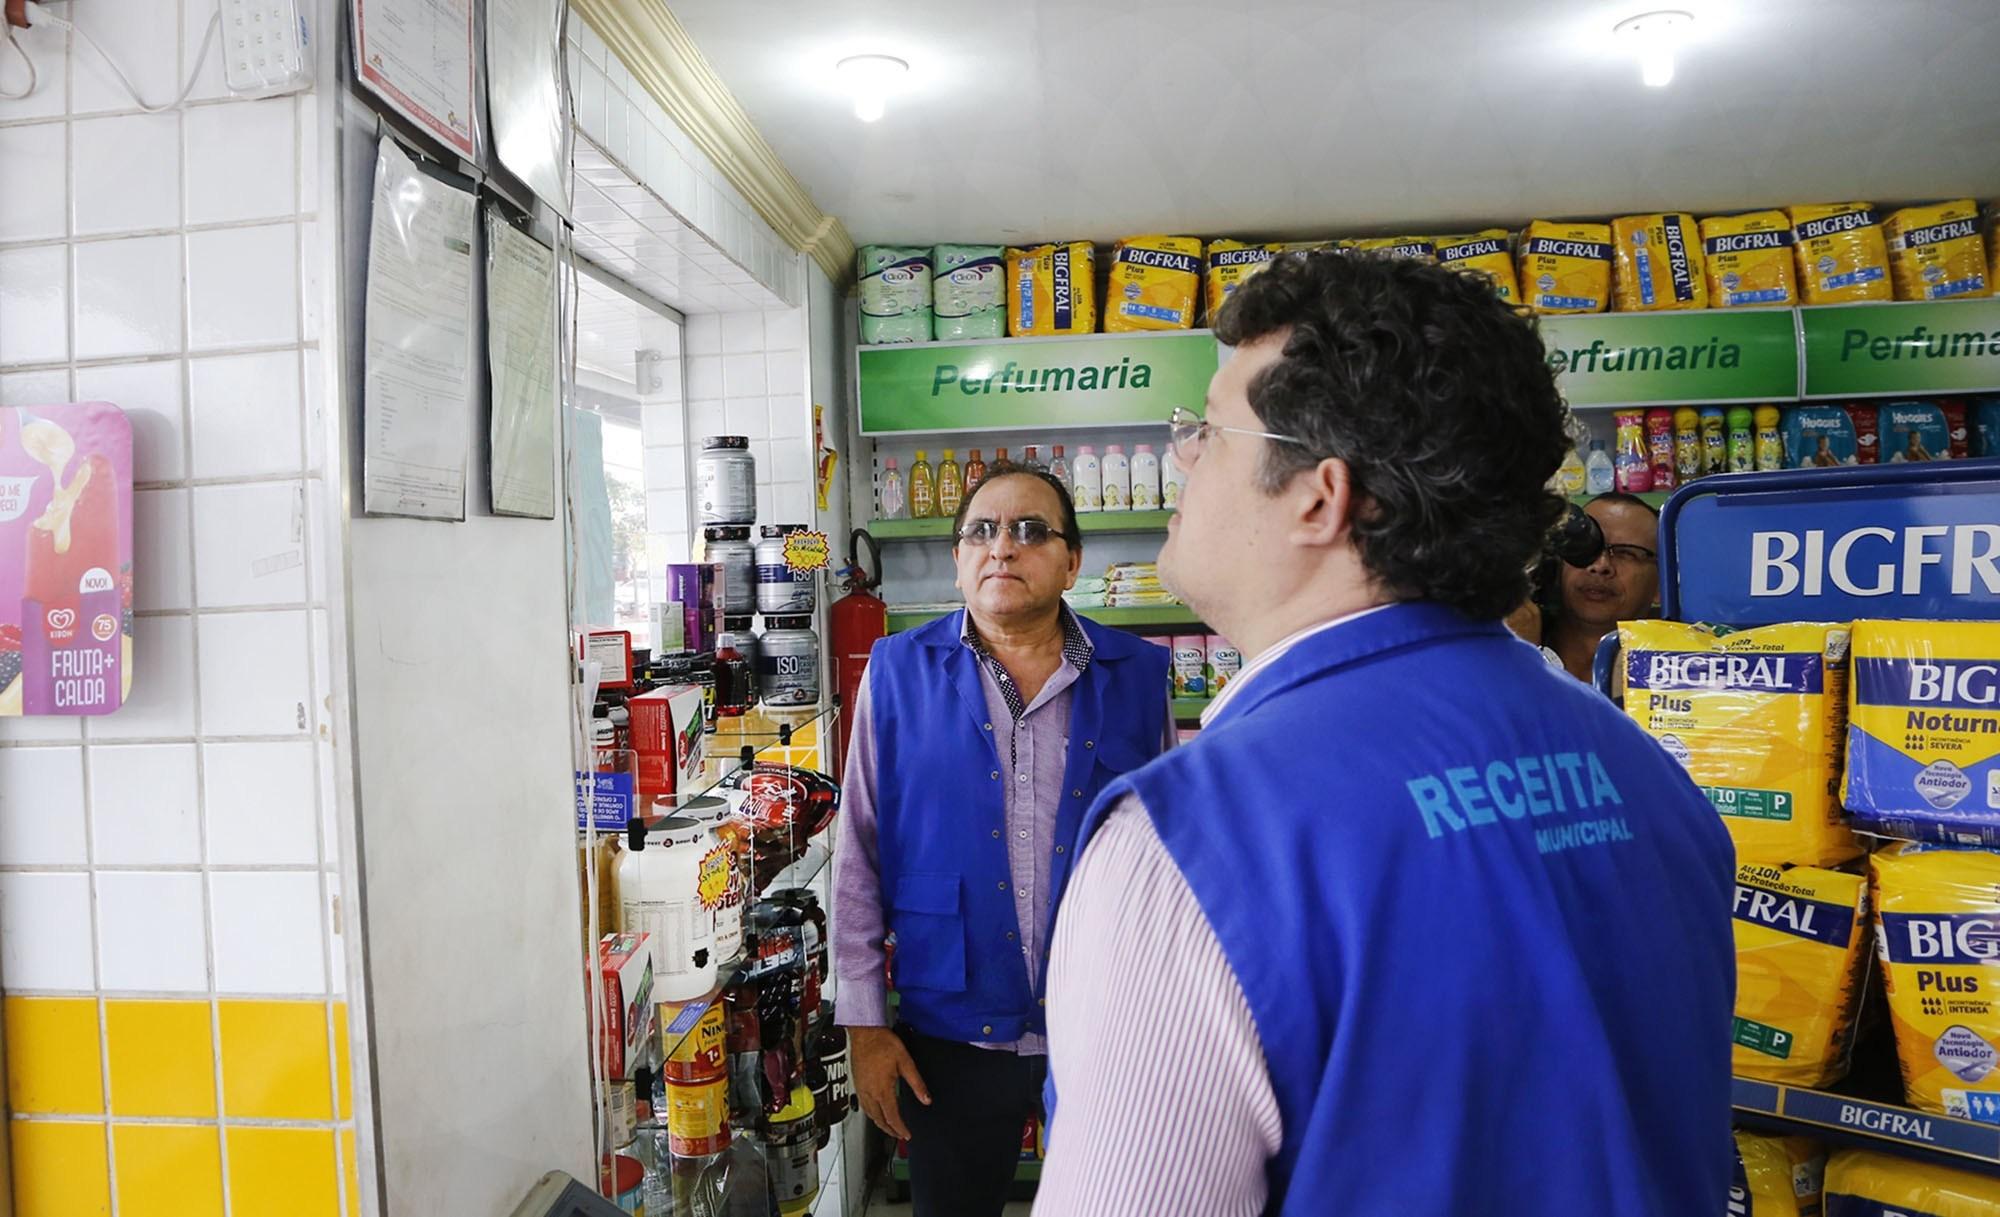 Gestão Fazendária deflagra força-tarefa contra sonegação fiscal